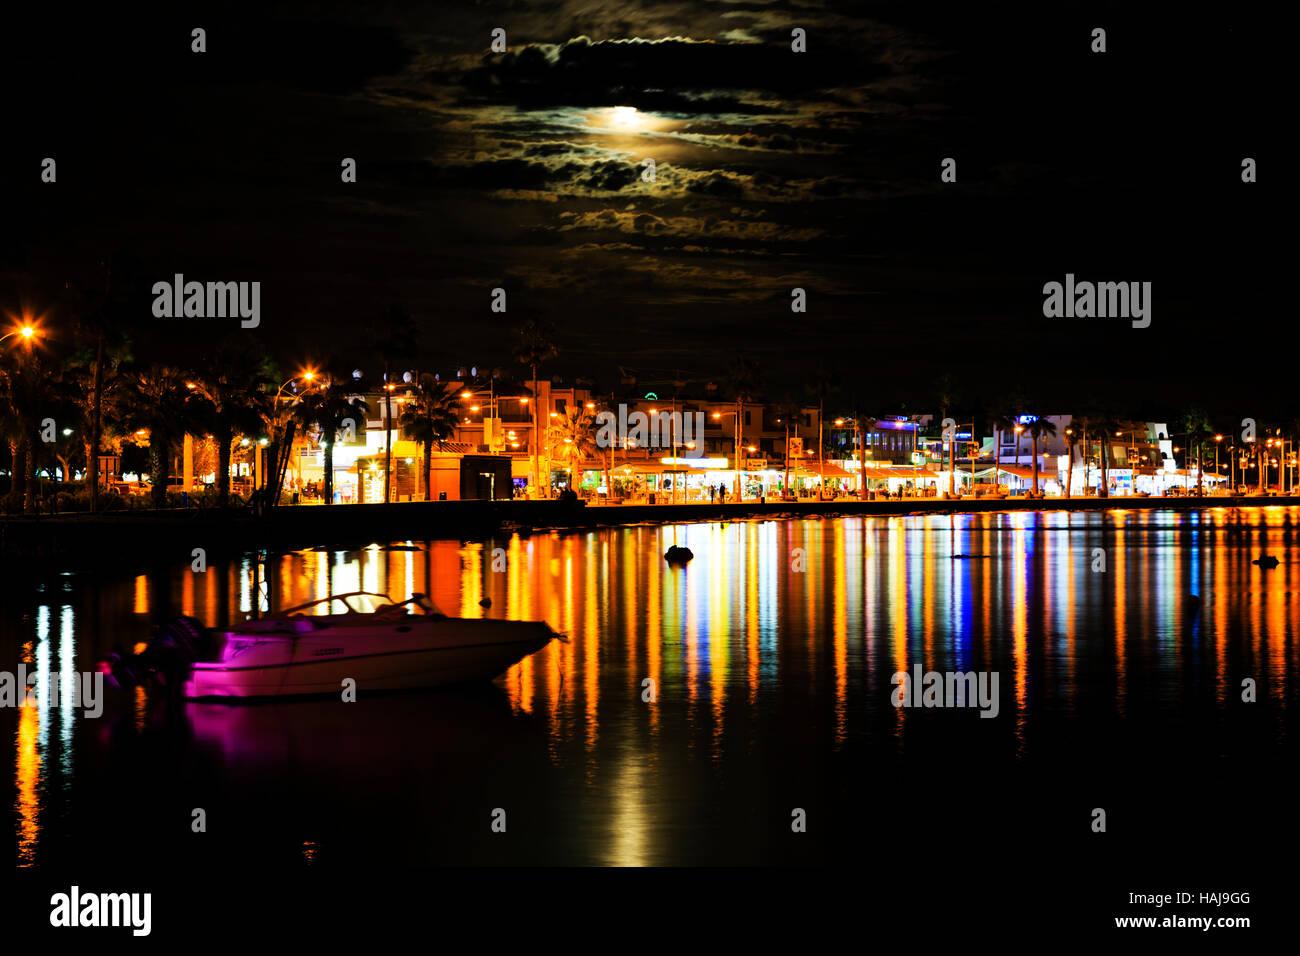 La nuit avec 'Supermoon' qui s'élève au-dessus de port de Paphos, Chypre Photo Stock